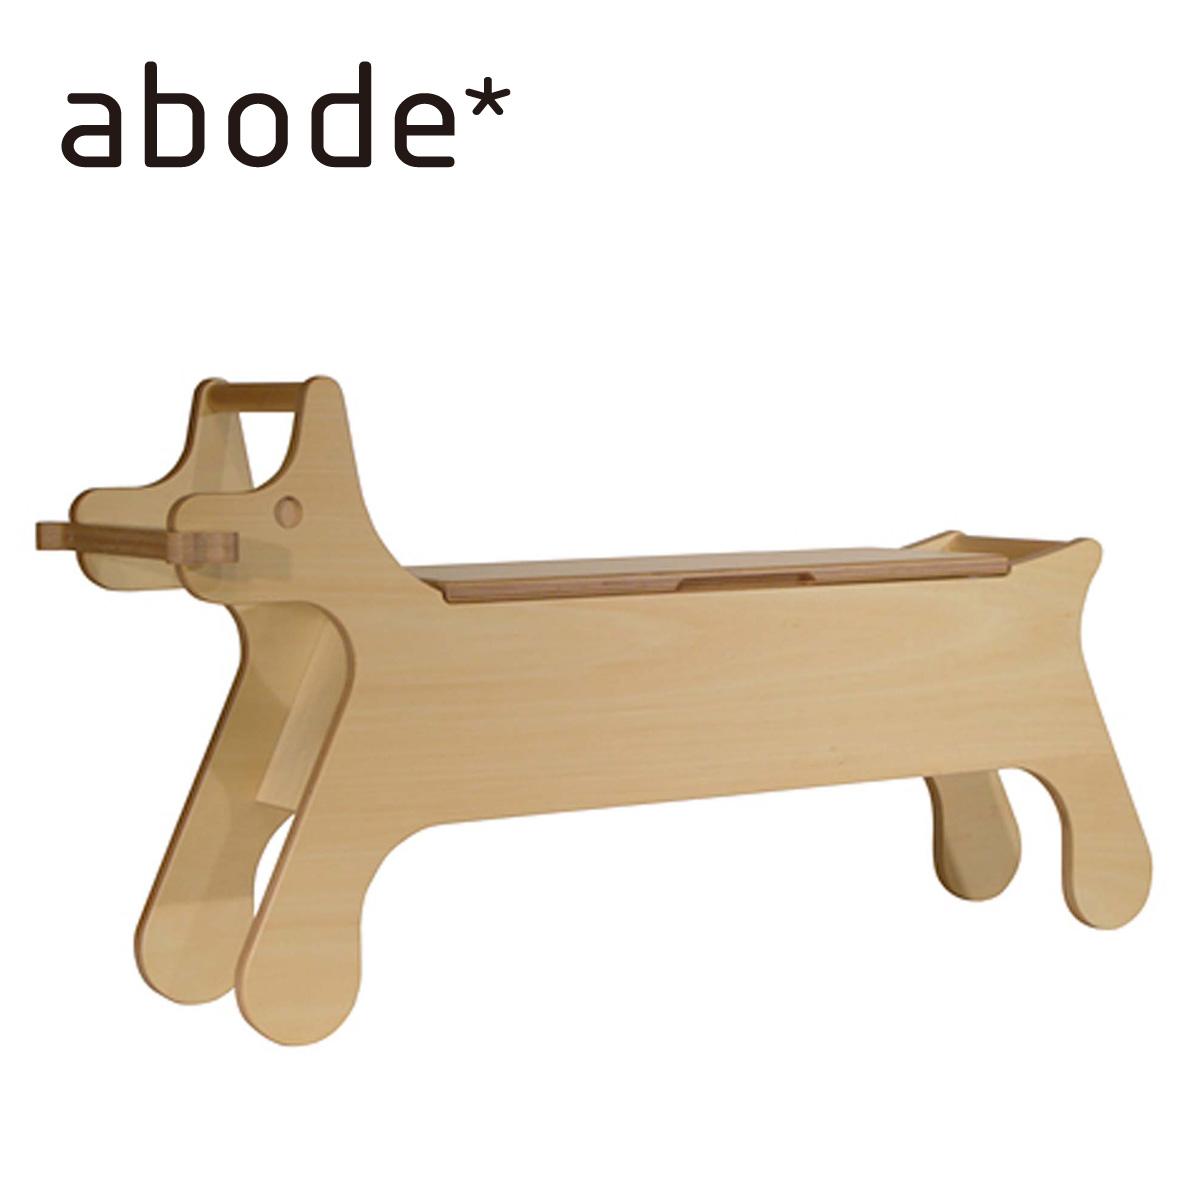 abode アボード 家具 パピーベンチ PUPPY BENCH /津留 敬文 子供用ベンチ・収納デザイナーズ家具